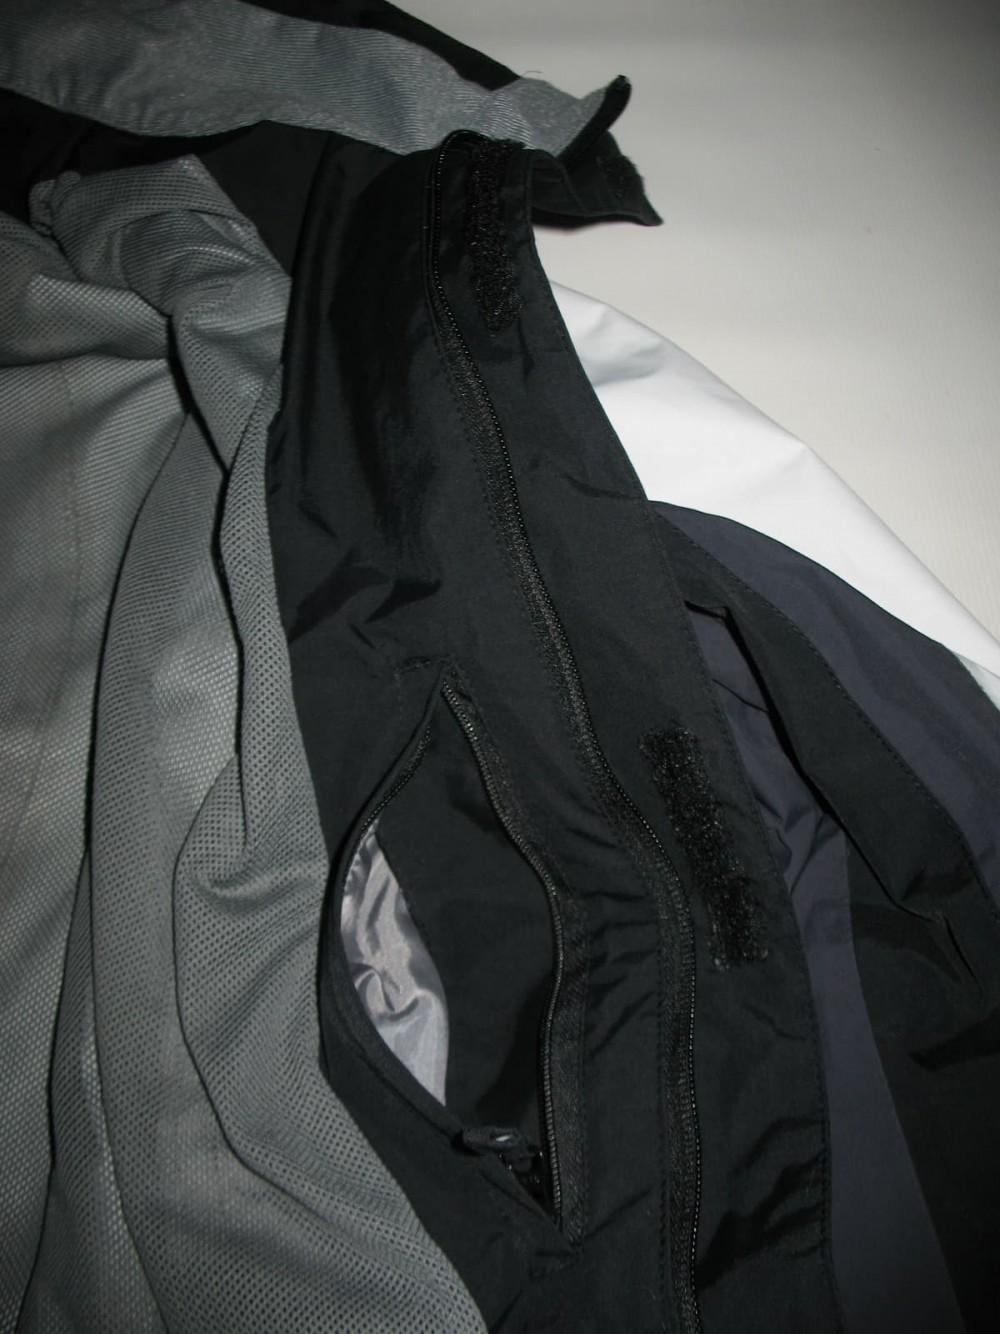 Куртка STORMBERG veiviser jacket (размер L) - 12